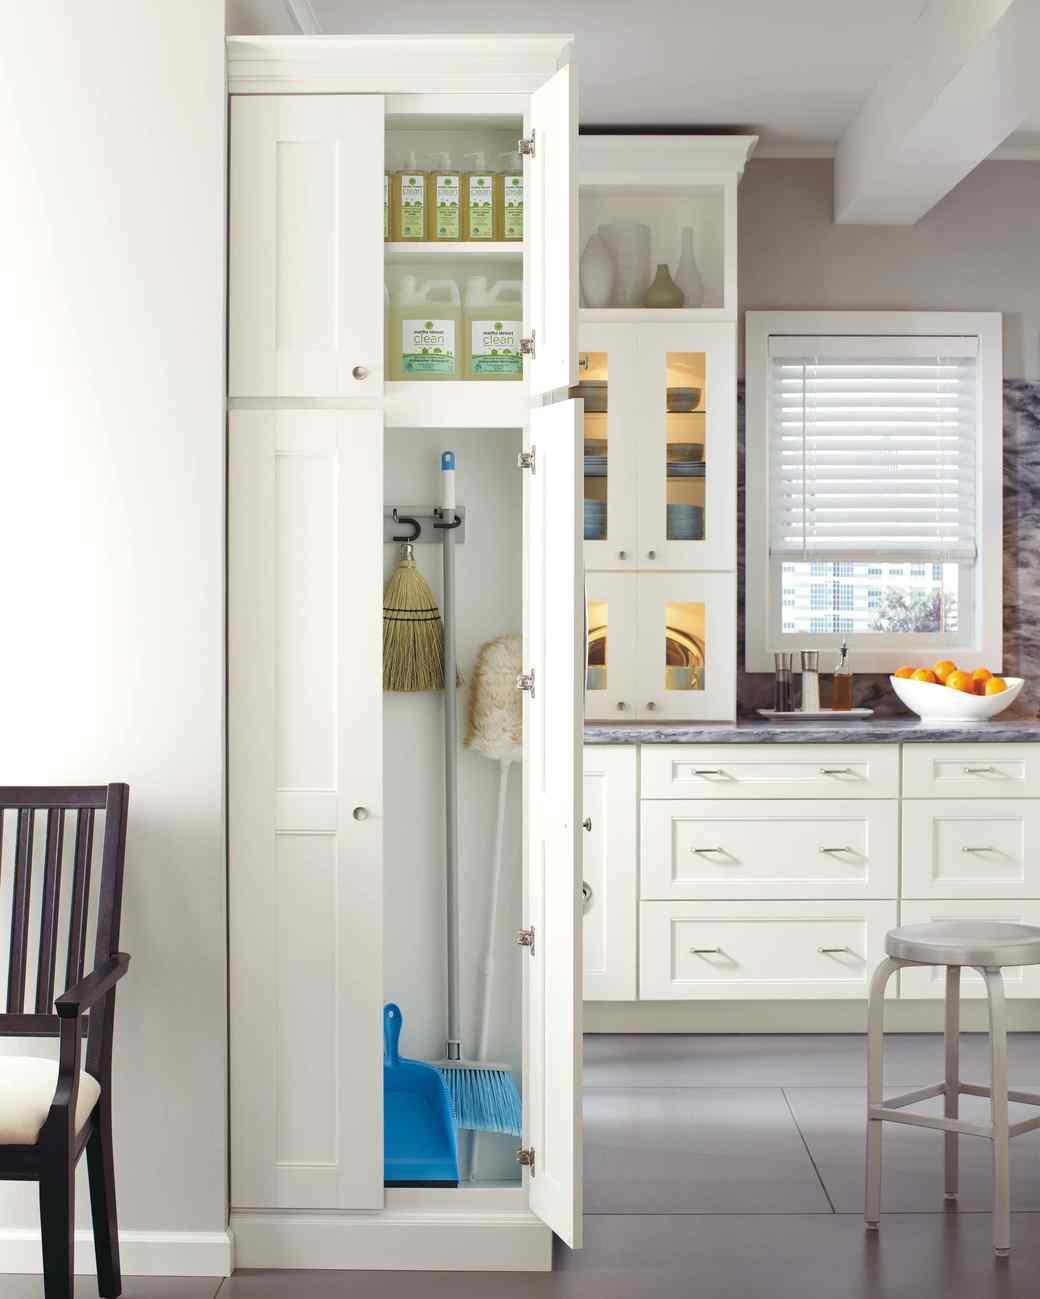 Broom Closet Cabinet Plans: Behind The Door: 17 Hidden Ways To Organize Your Kitchen